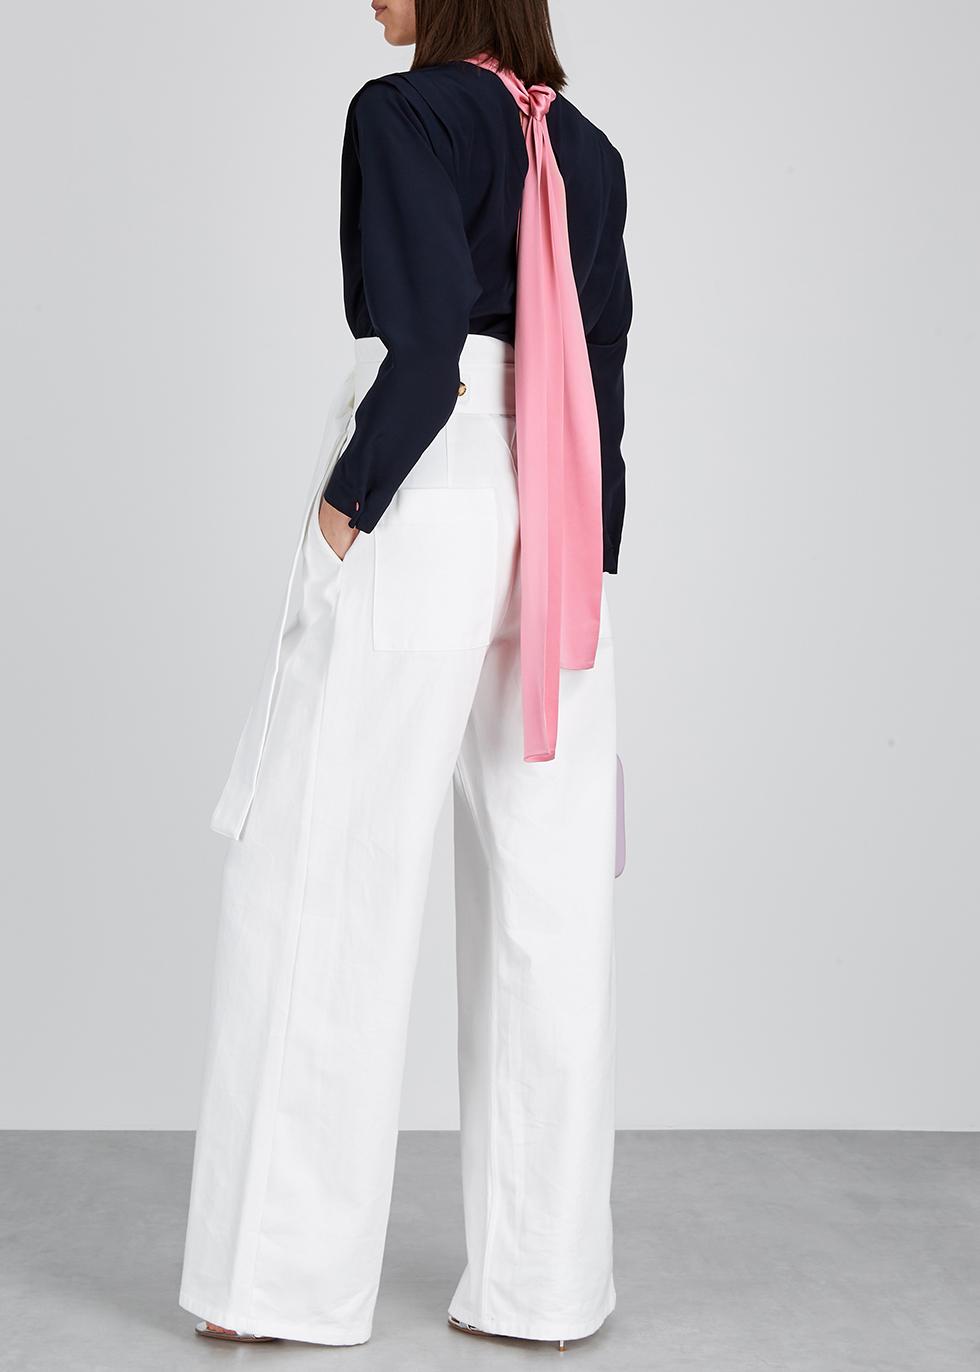 0e80bb7f7eb Women s Designer Tops - Lace   Silk - Harvey Nichols